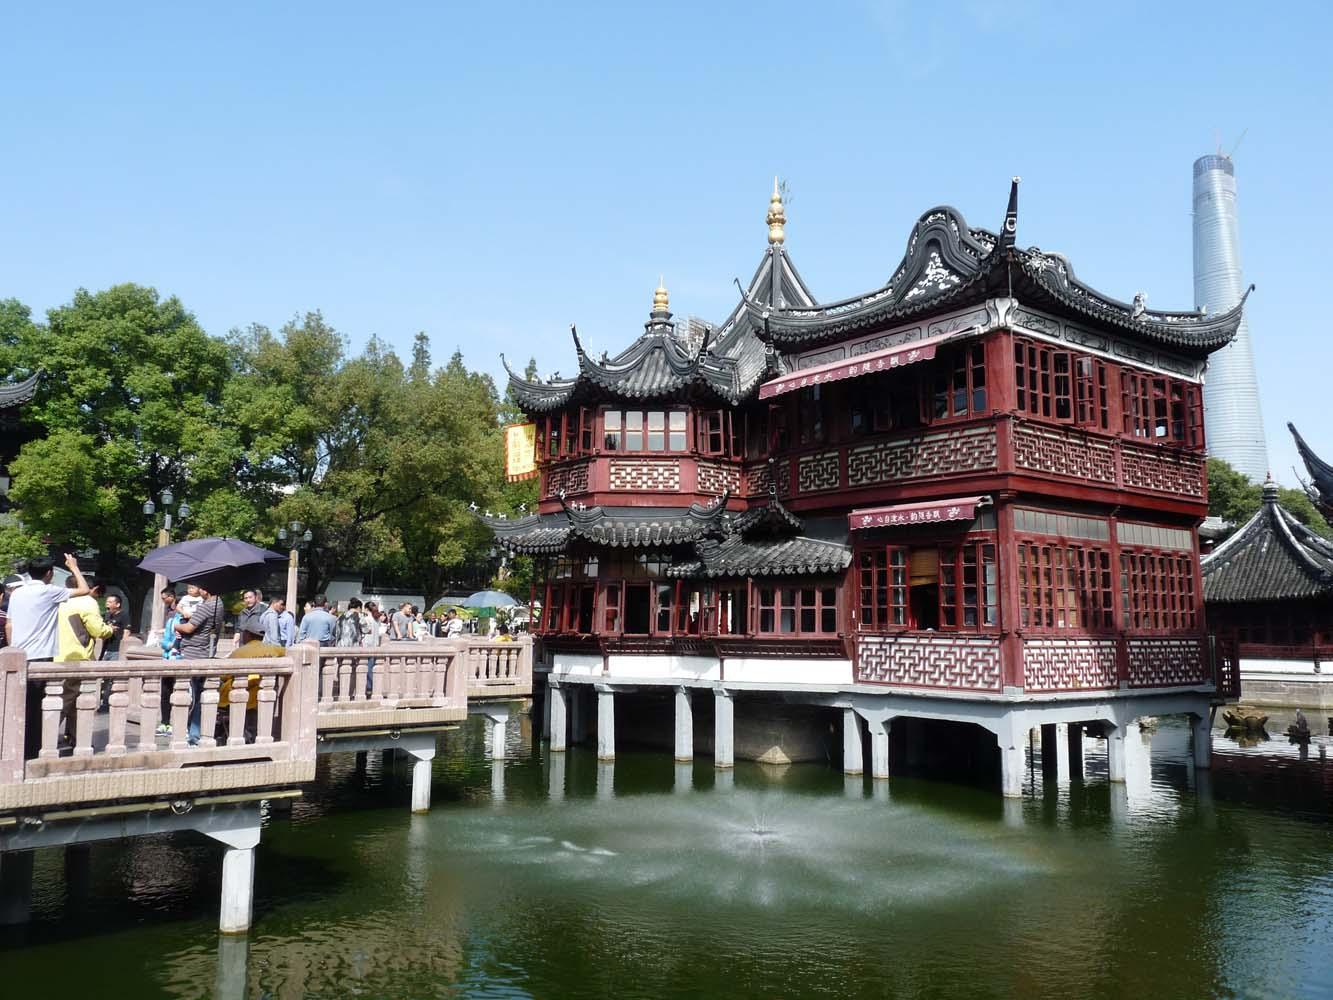 LCNS Huxinting Teahouse Shanghai Old Town